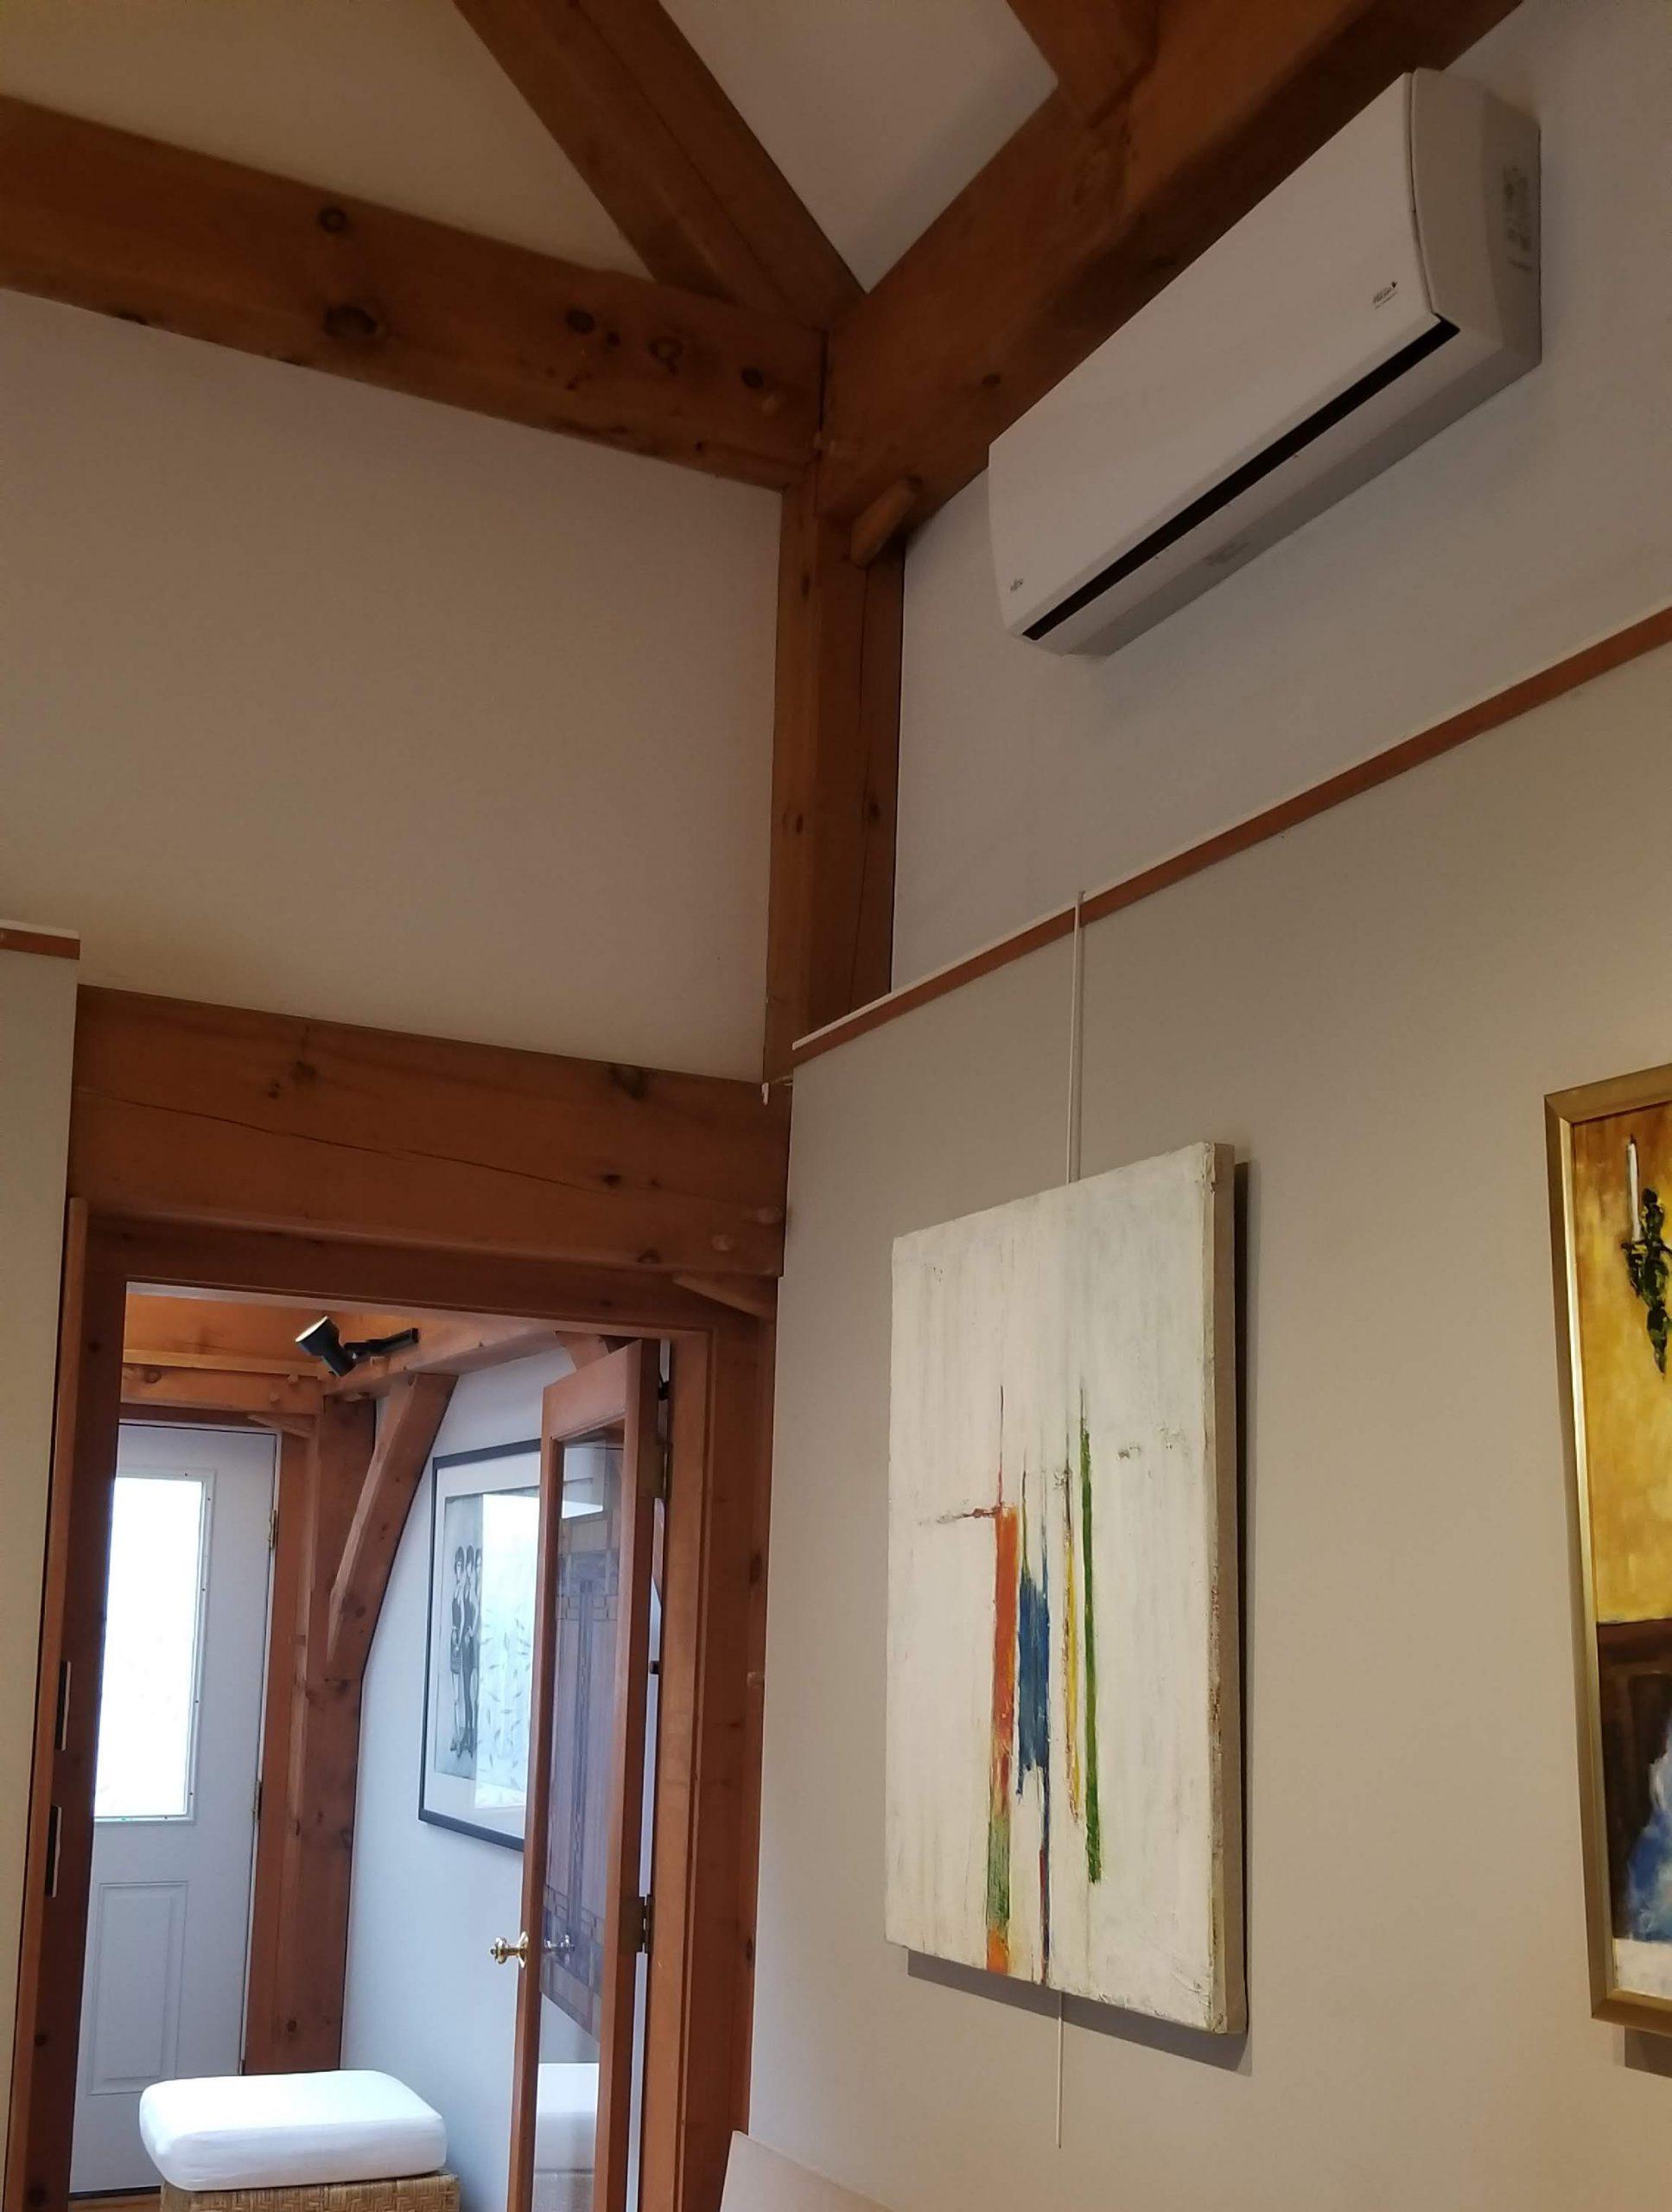 wall-mounted unit